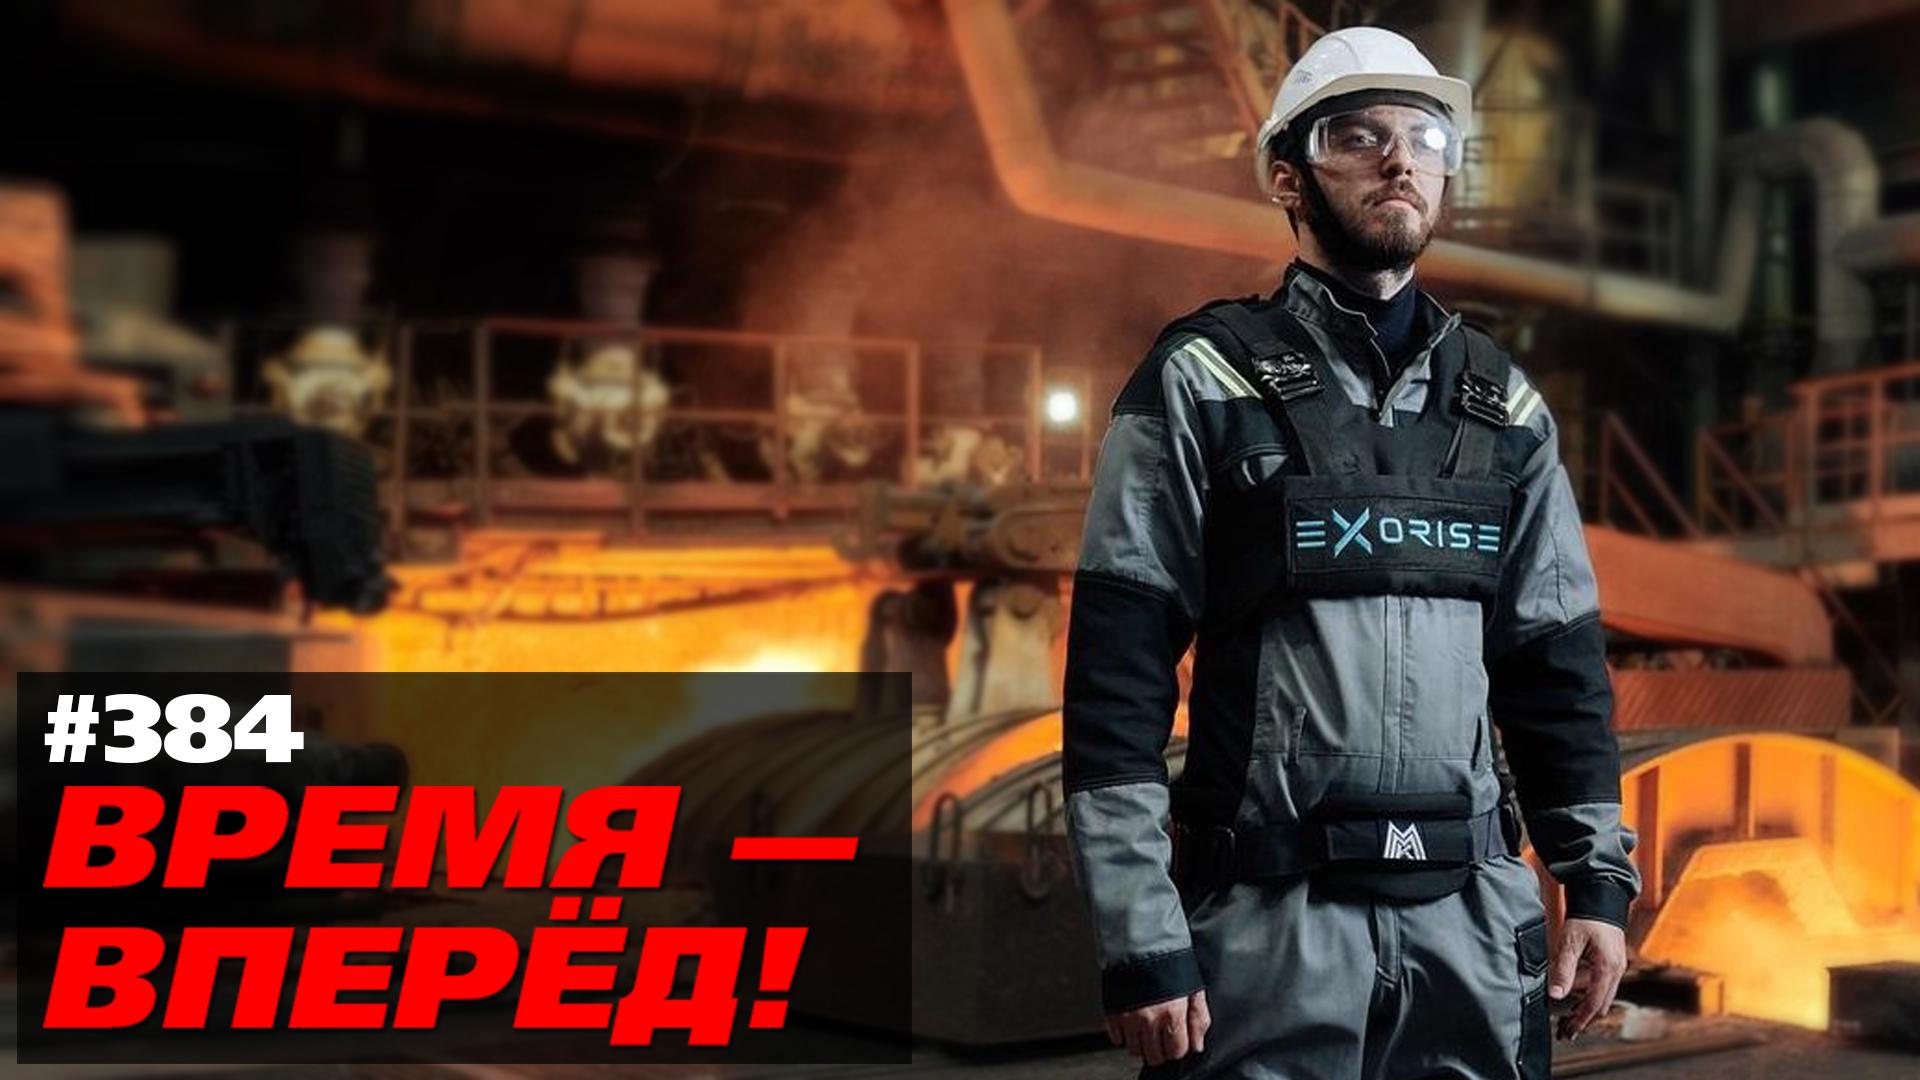 Россия запустила секретную установку. Помог «единорог Чубайса». Время-Вперёд! №384